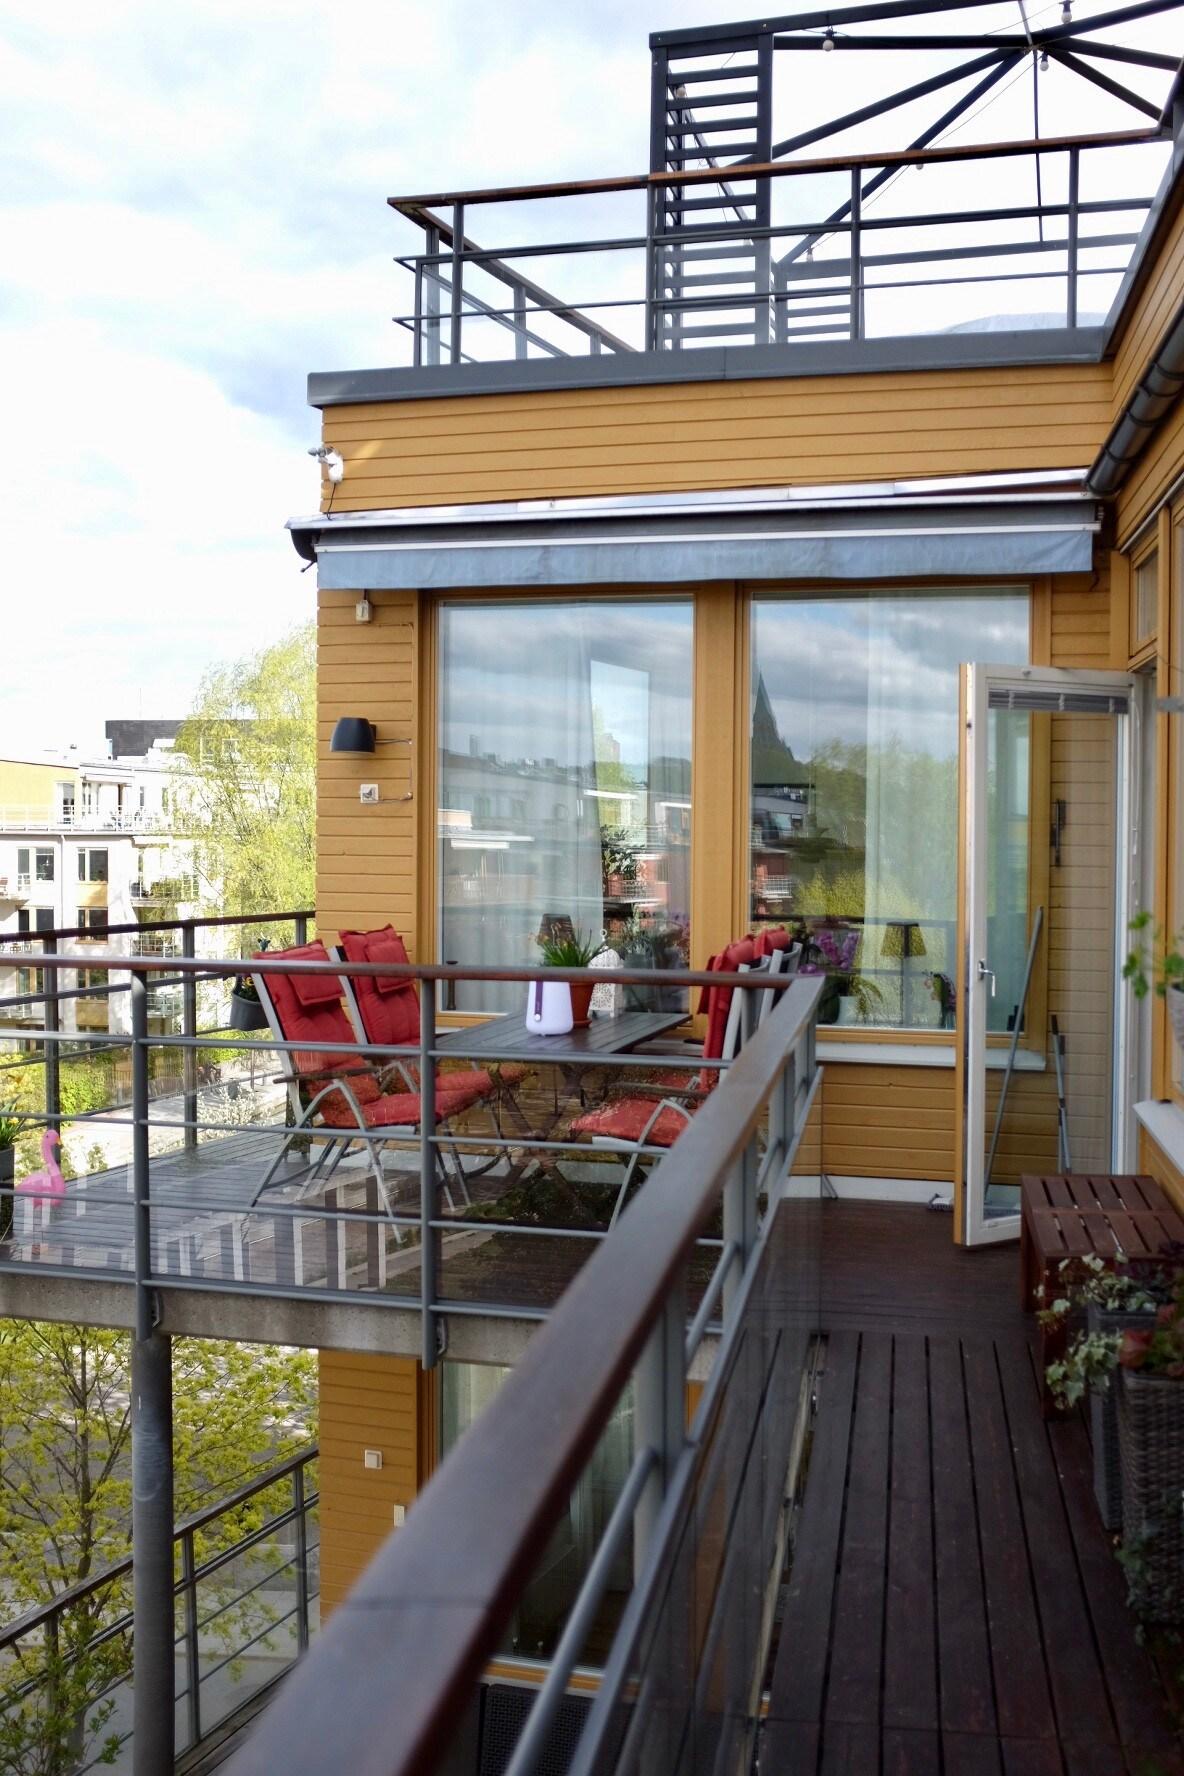 Lägenhet med stor balkong